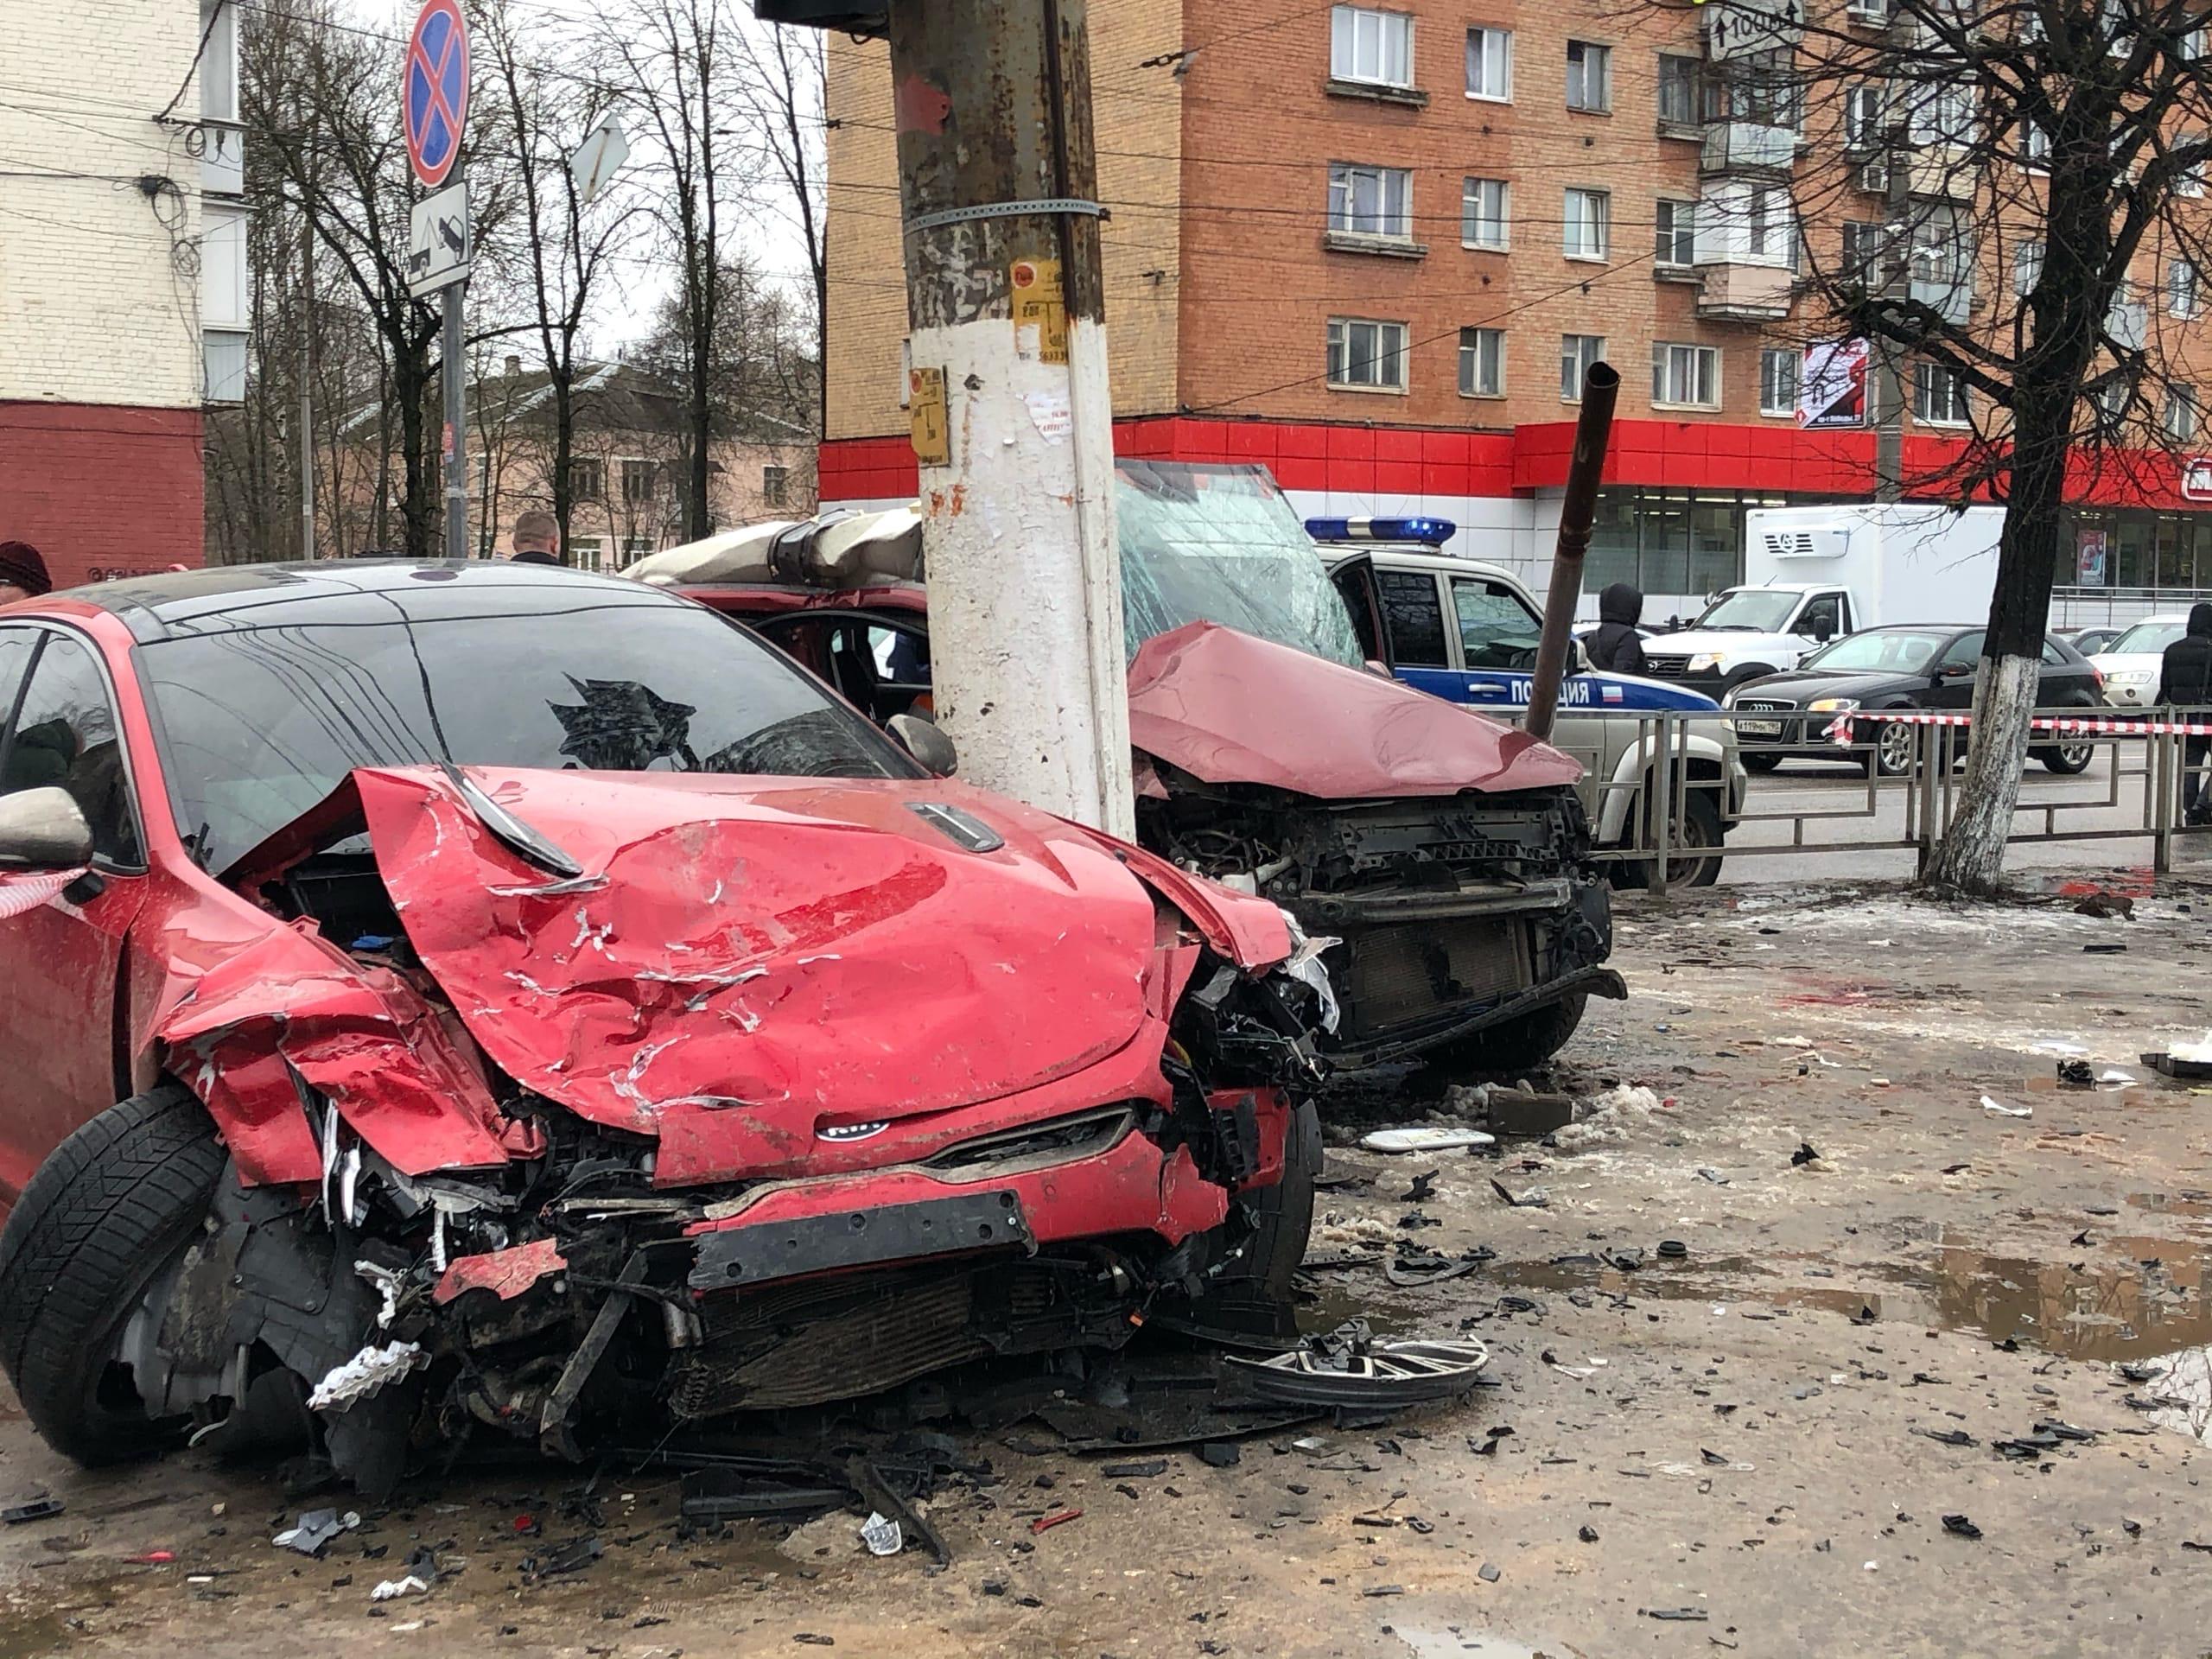 Участник смертельного ДТП Эмиль Байрамов останется под стражей